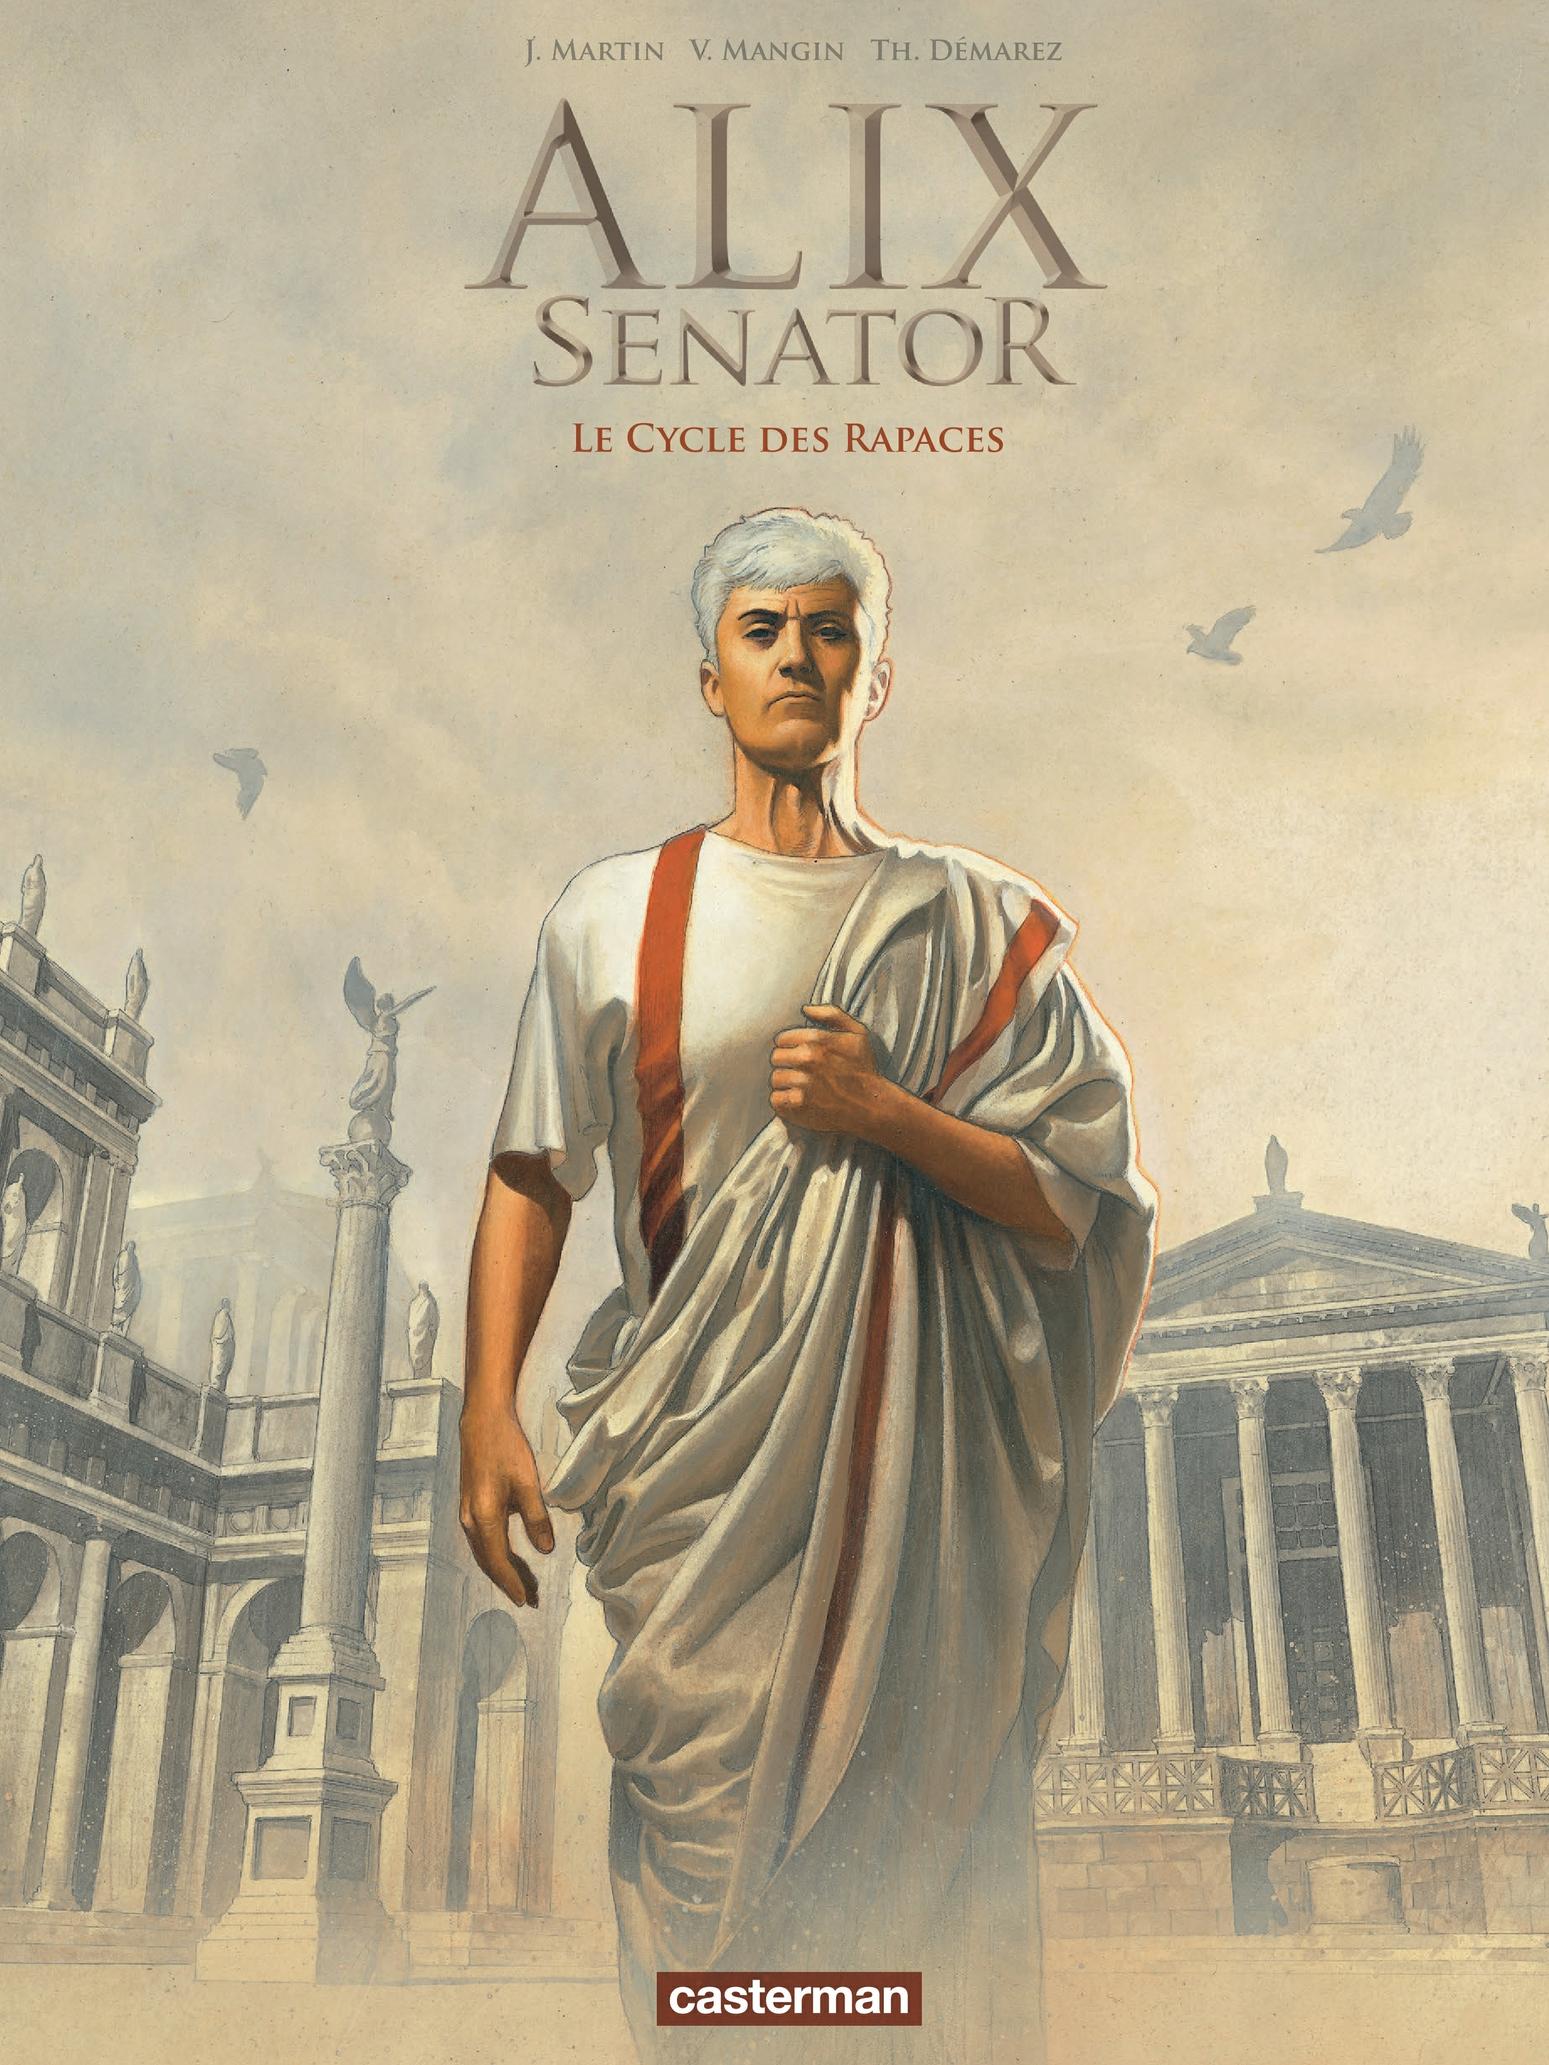 Alix Senator - L'Intégrale (Tomes 1, 2, 3 - Le Cycle des Rapaces)  